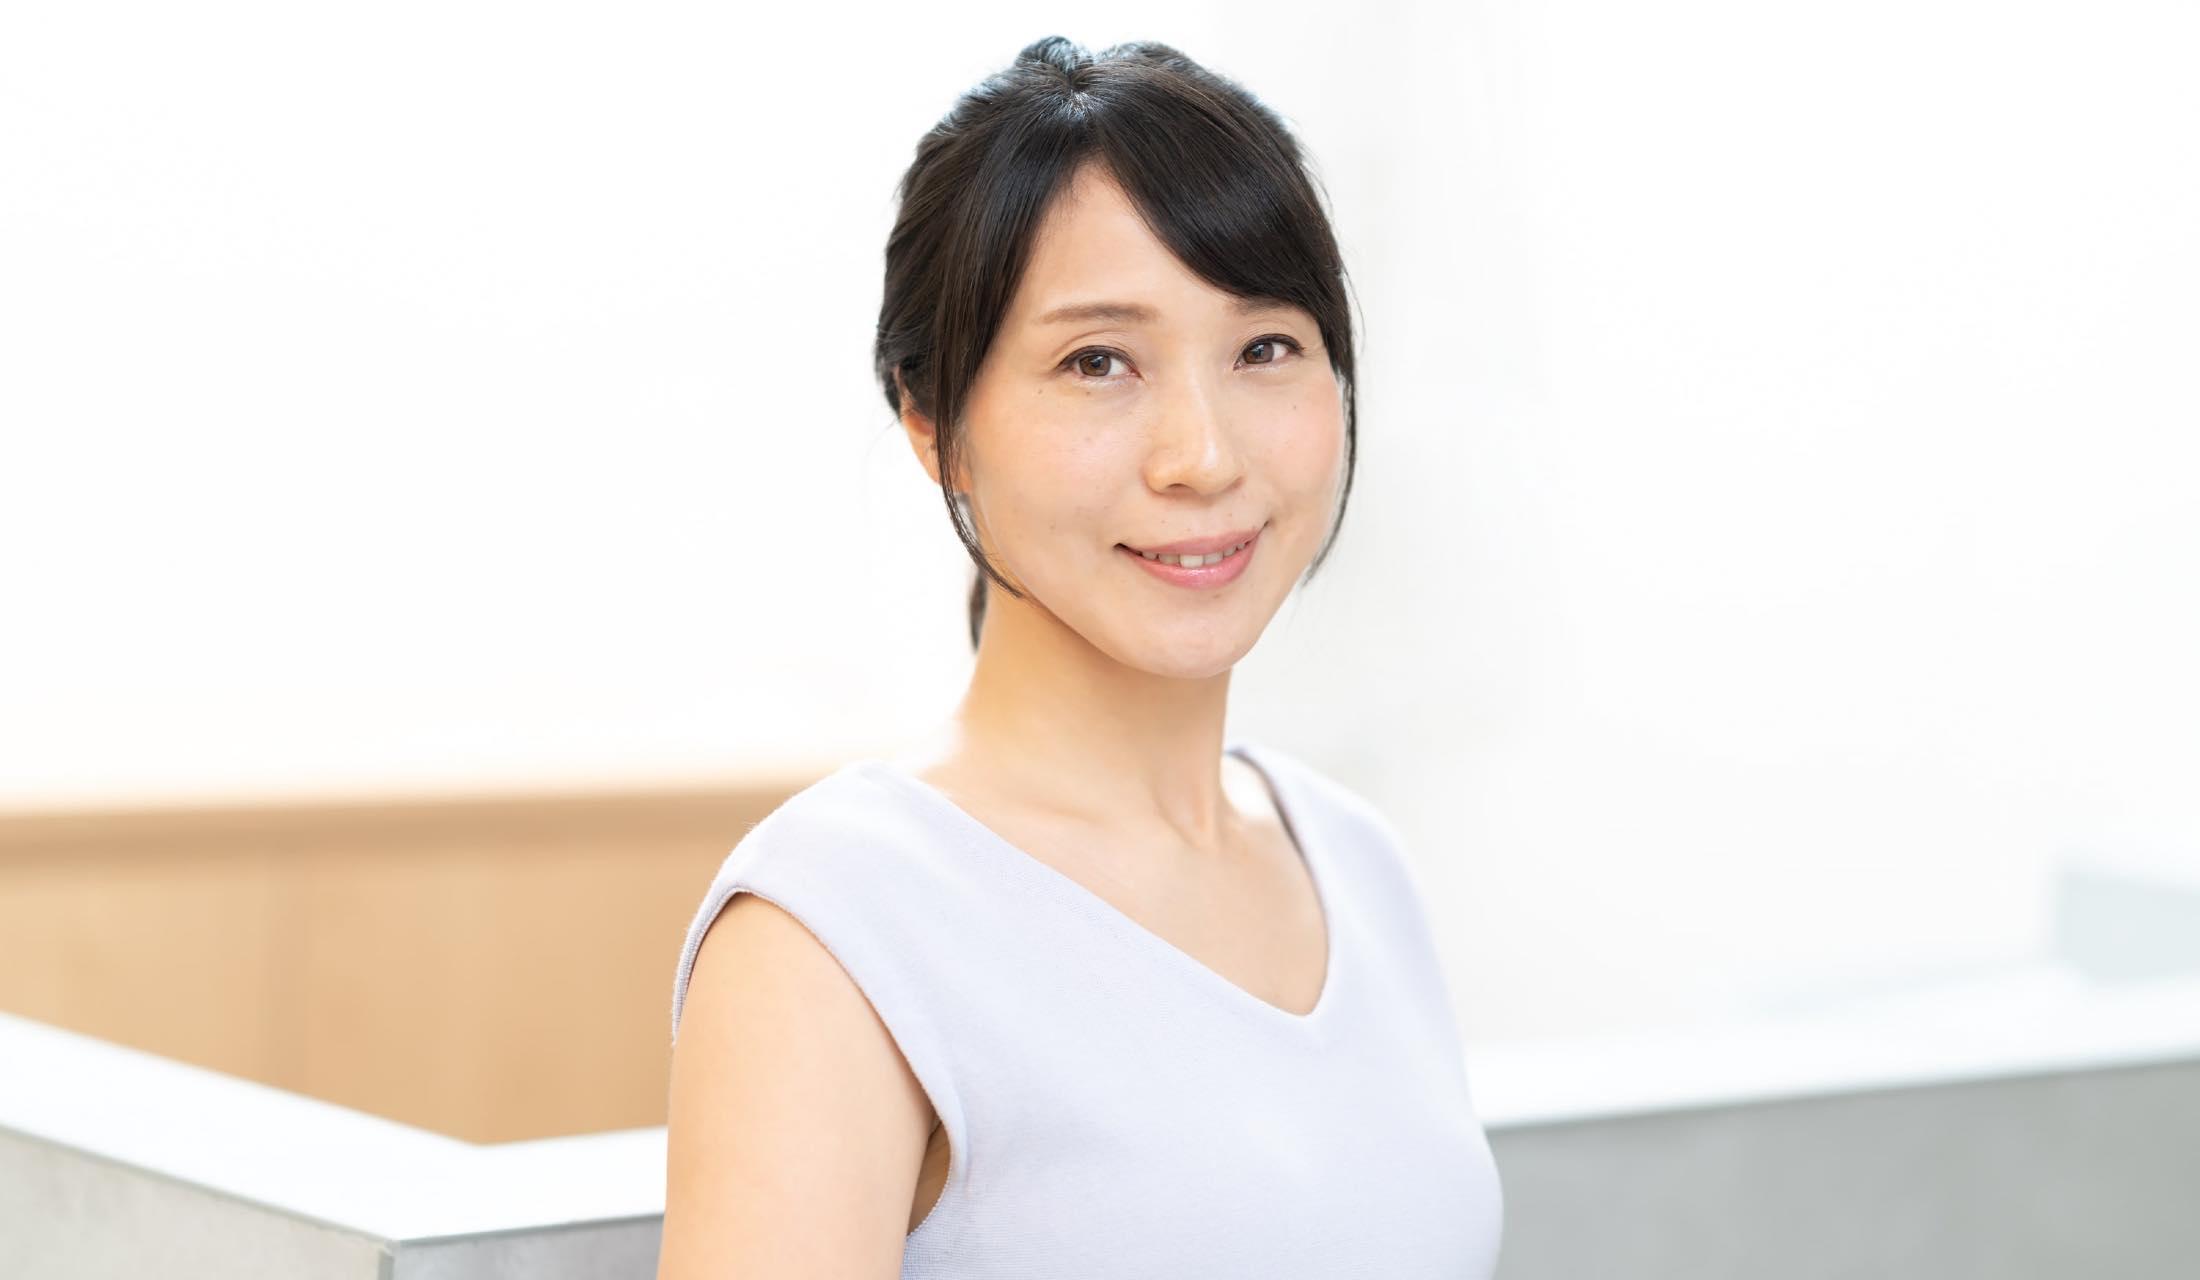 吉成暁子さん(40歳/自営業)の三つ編みヘア